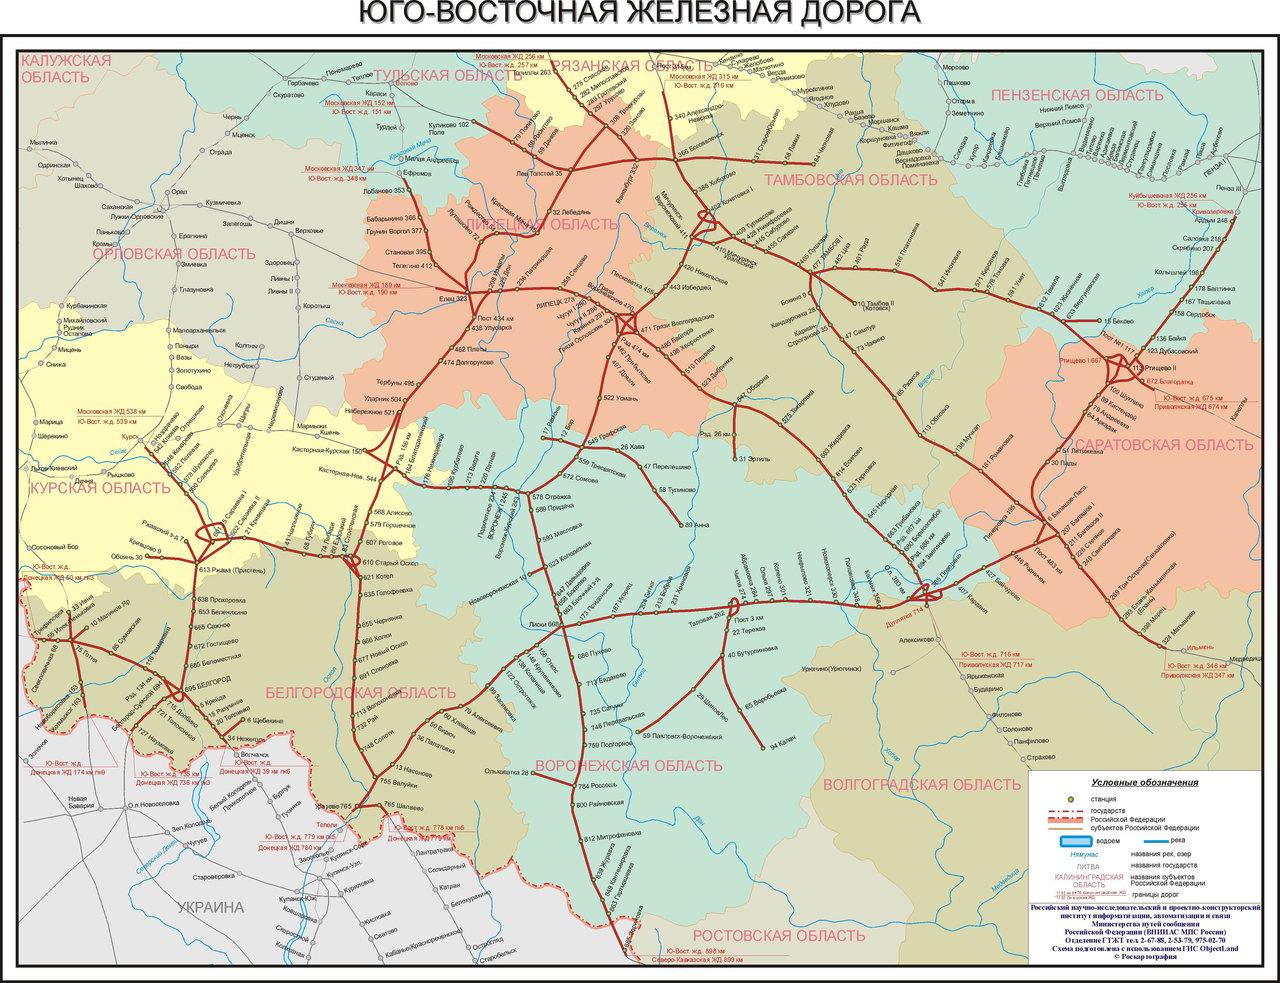 Несмотря на свое название, Юго-Восточная железная дорога находится на юго-западе европейской части России и пролегает...